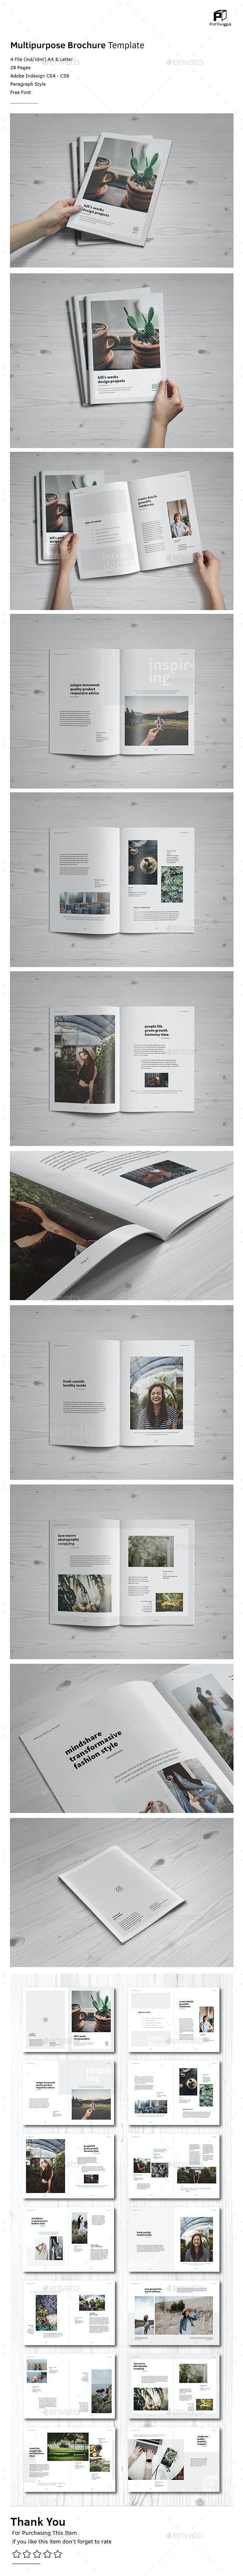 Simple Multipurpose Portfolio Vol.4 - Portfolio Brochures